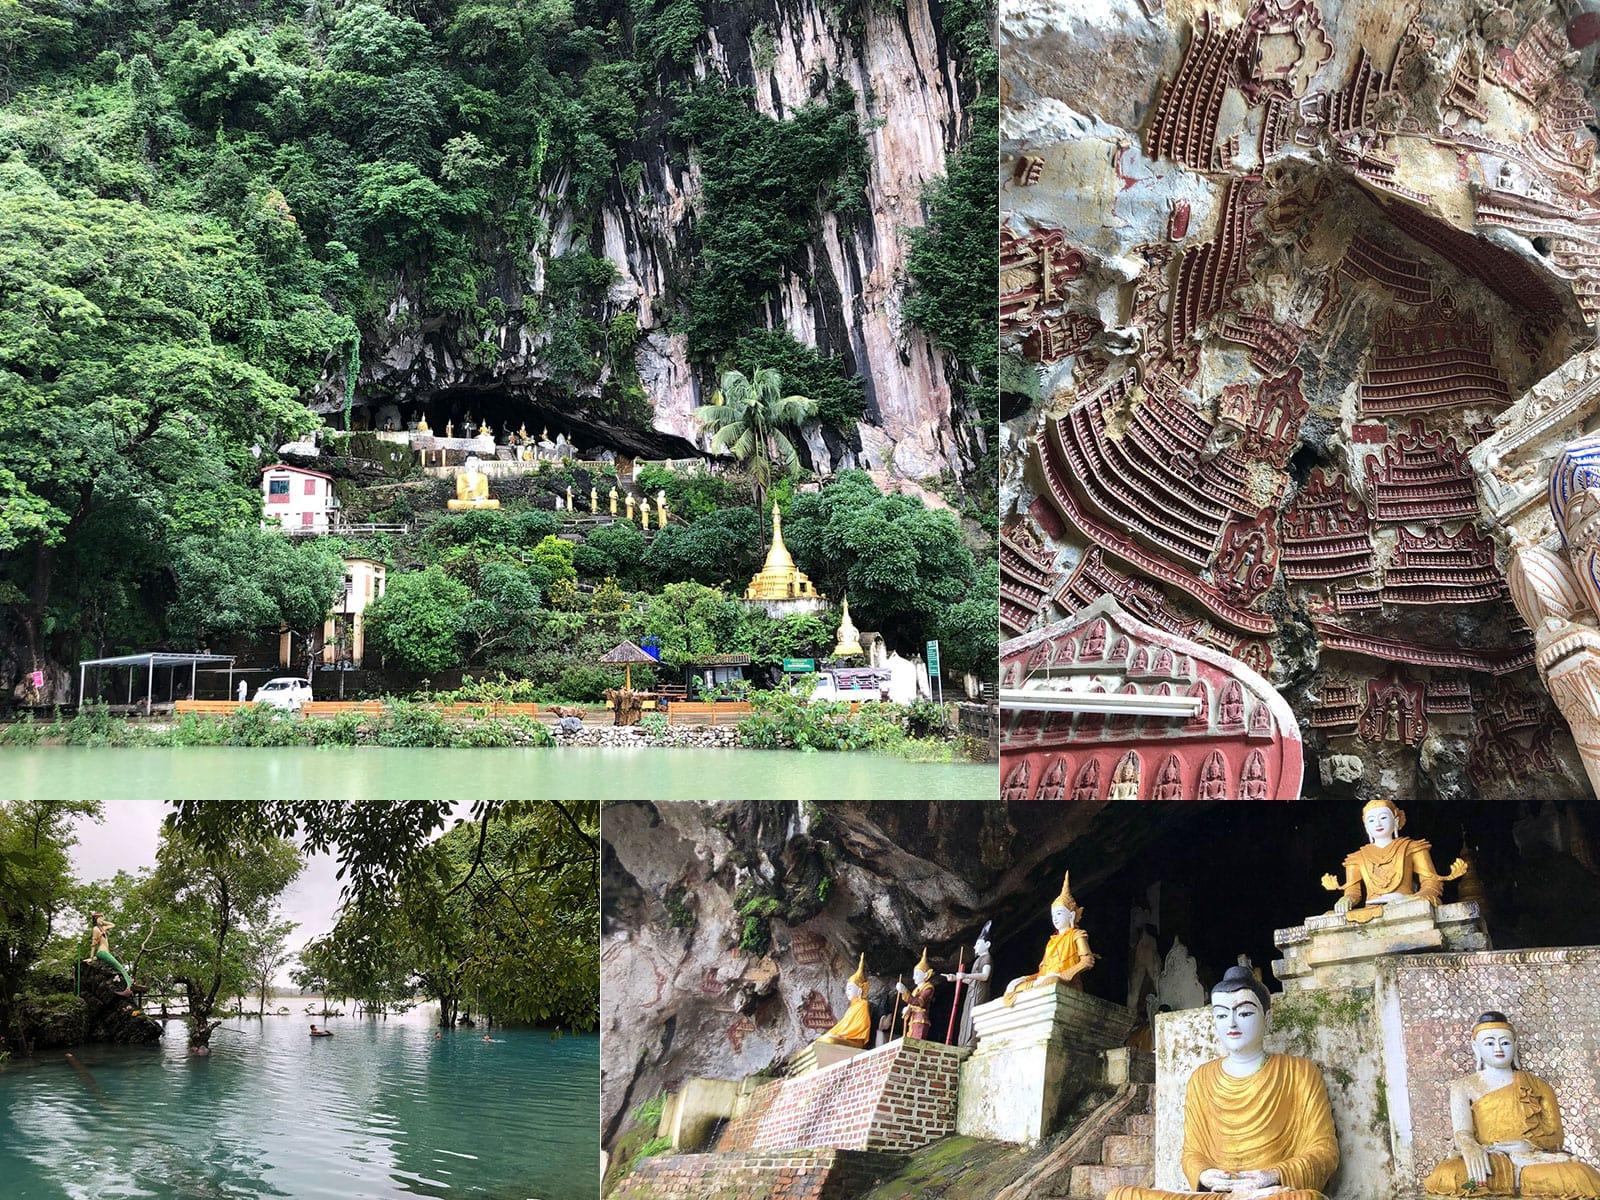 reisverslag myanmar blog lauren hpa ann